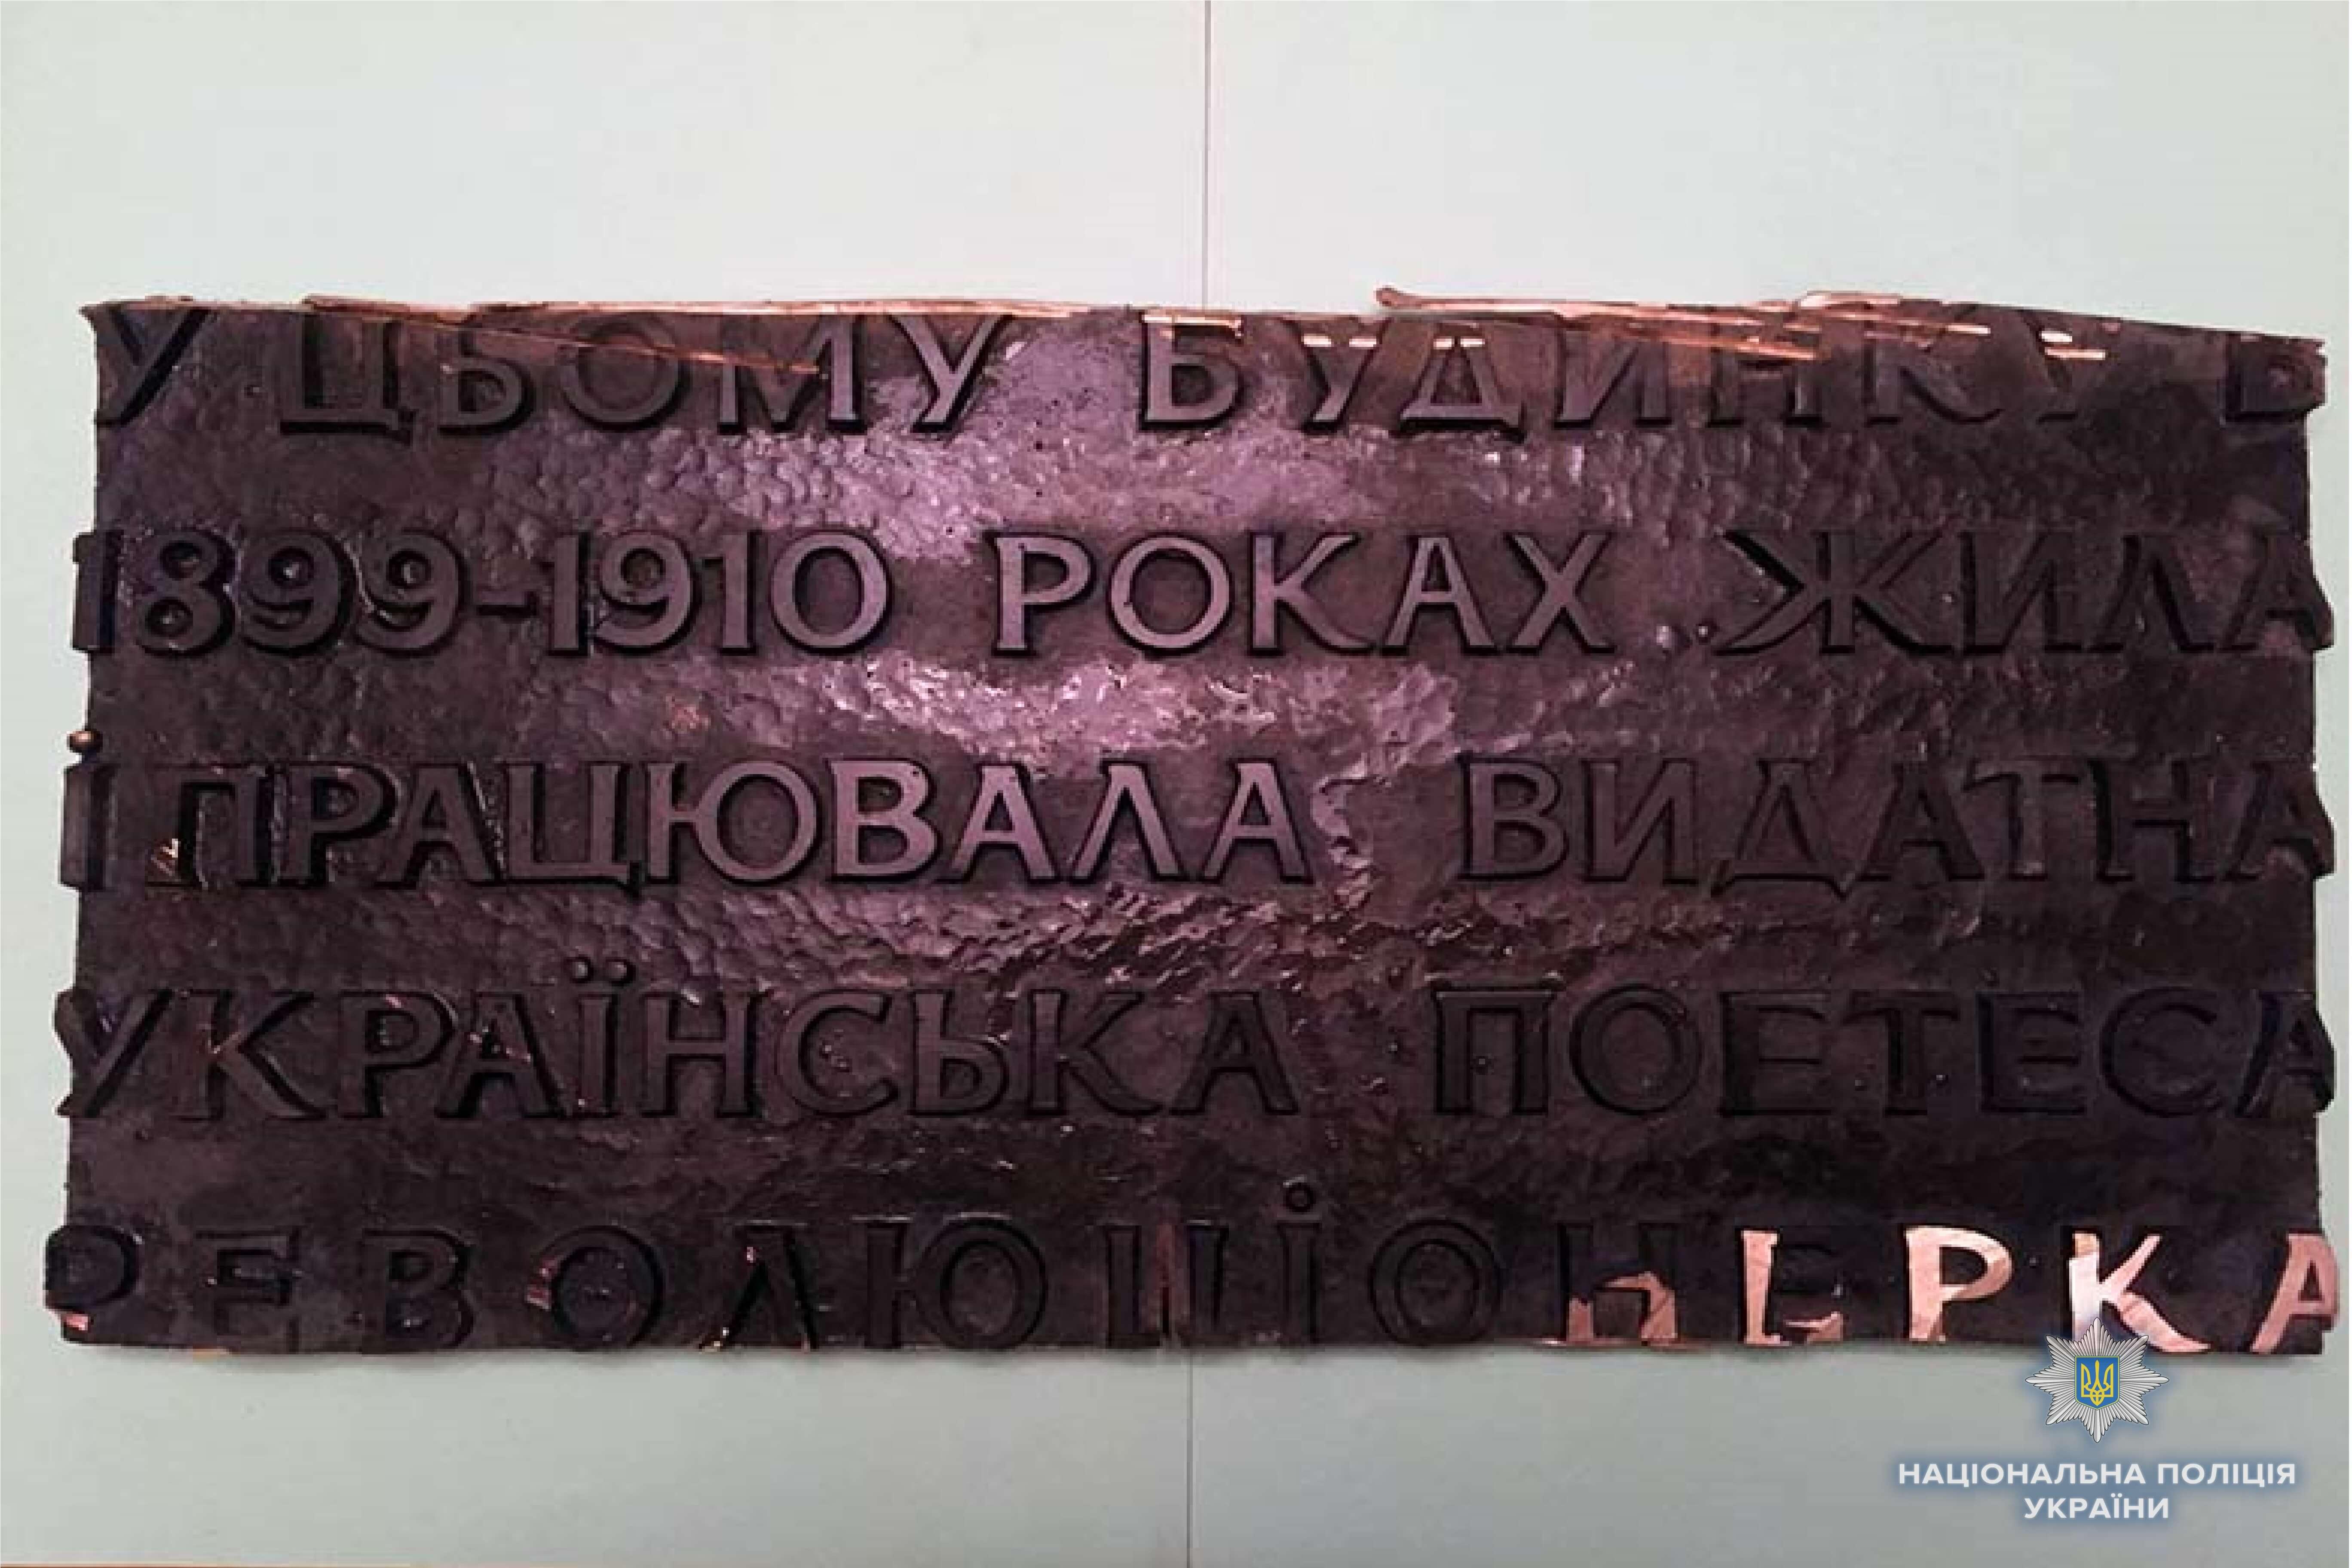 Полиция нашла тех, кто украл мемориальную доску Леси Украинки